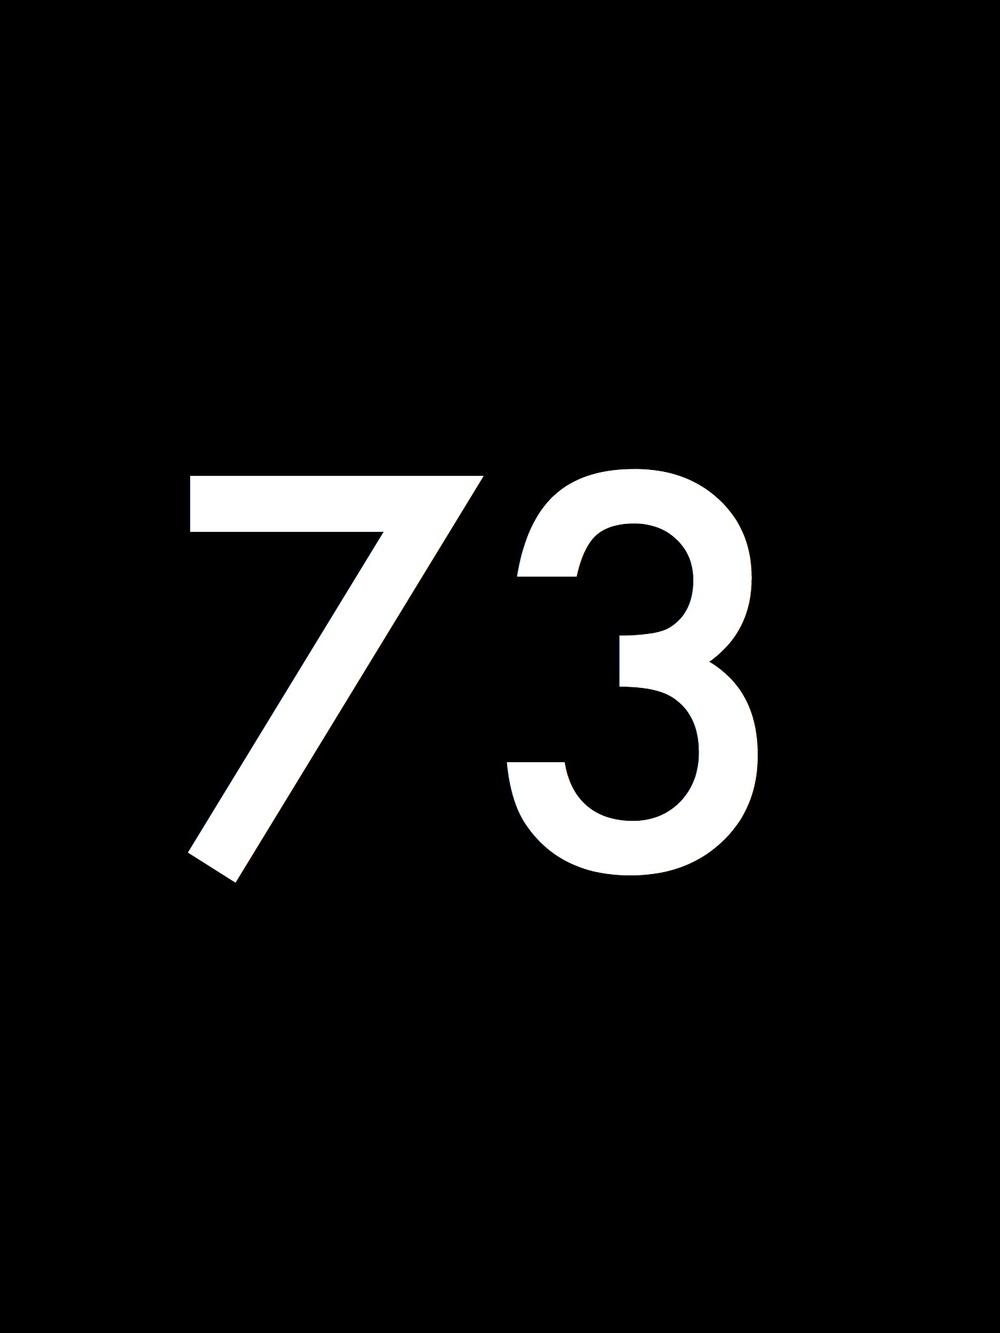 Black_Number.073.jpg